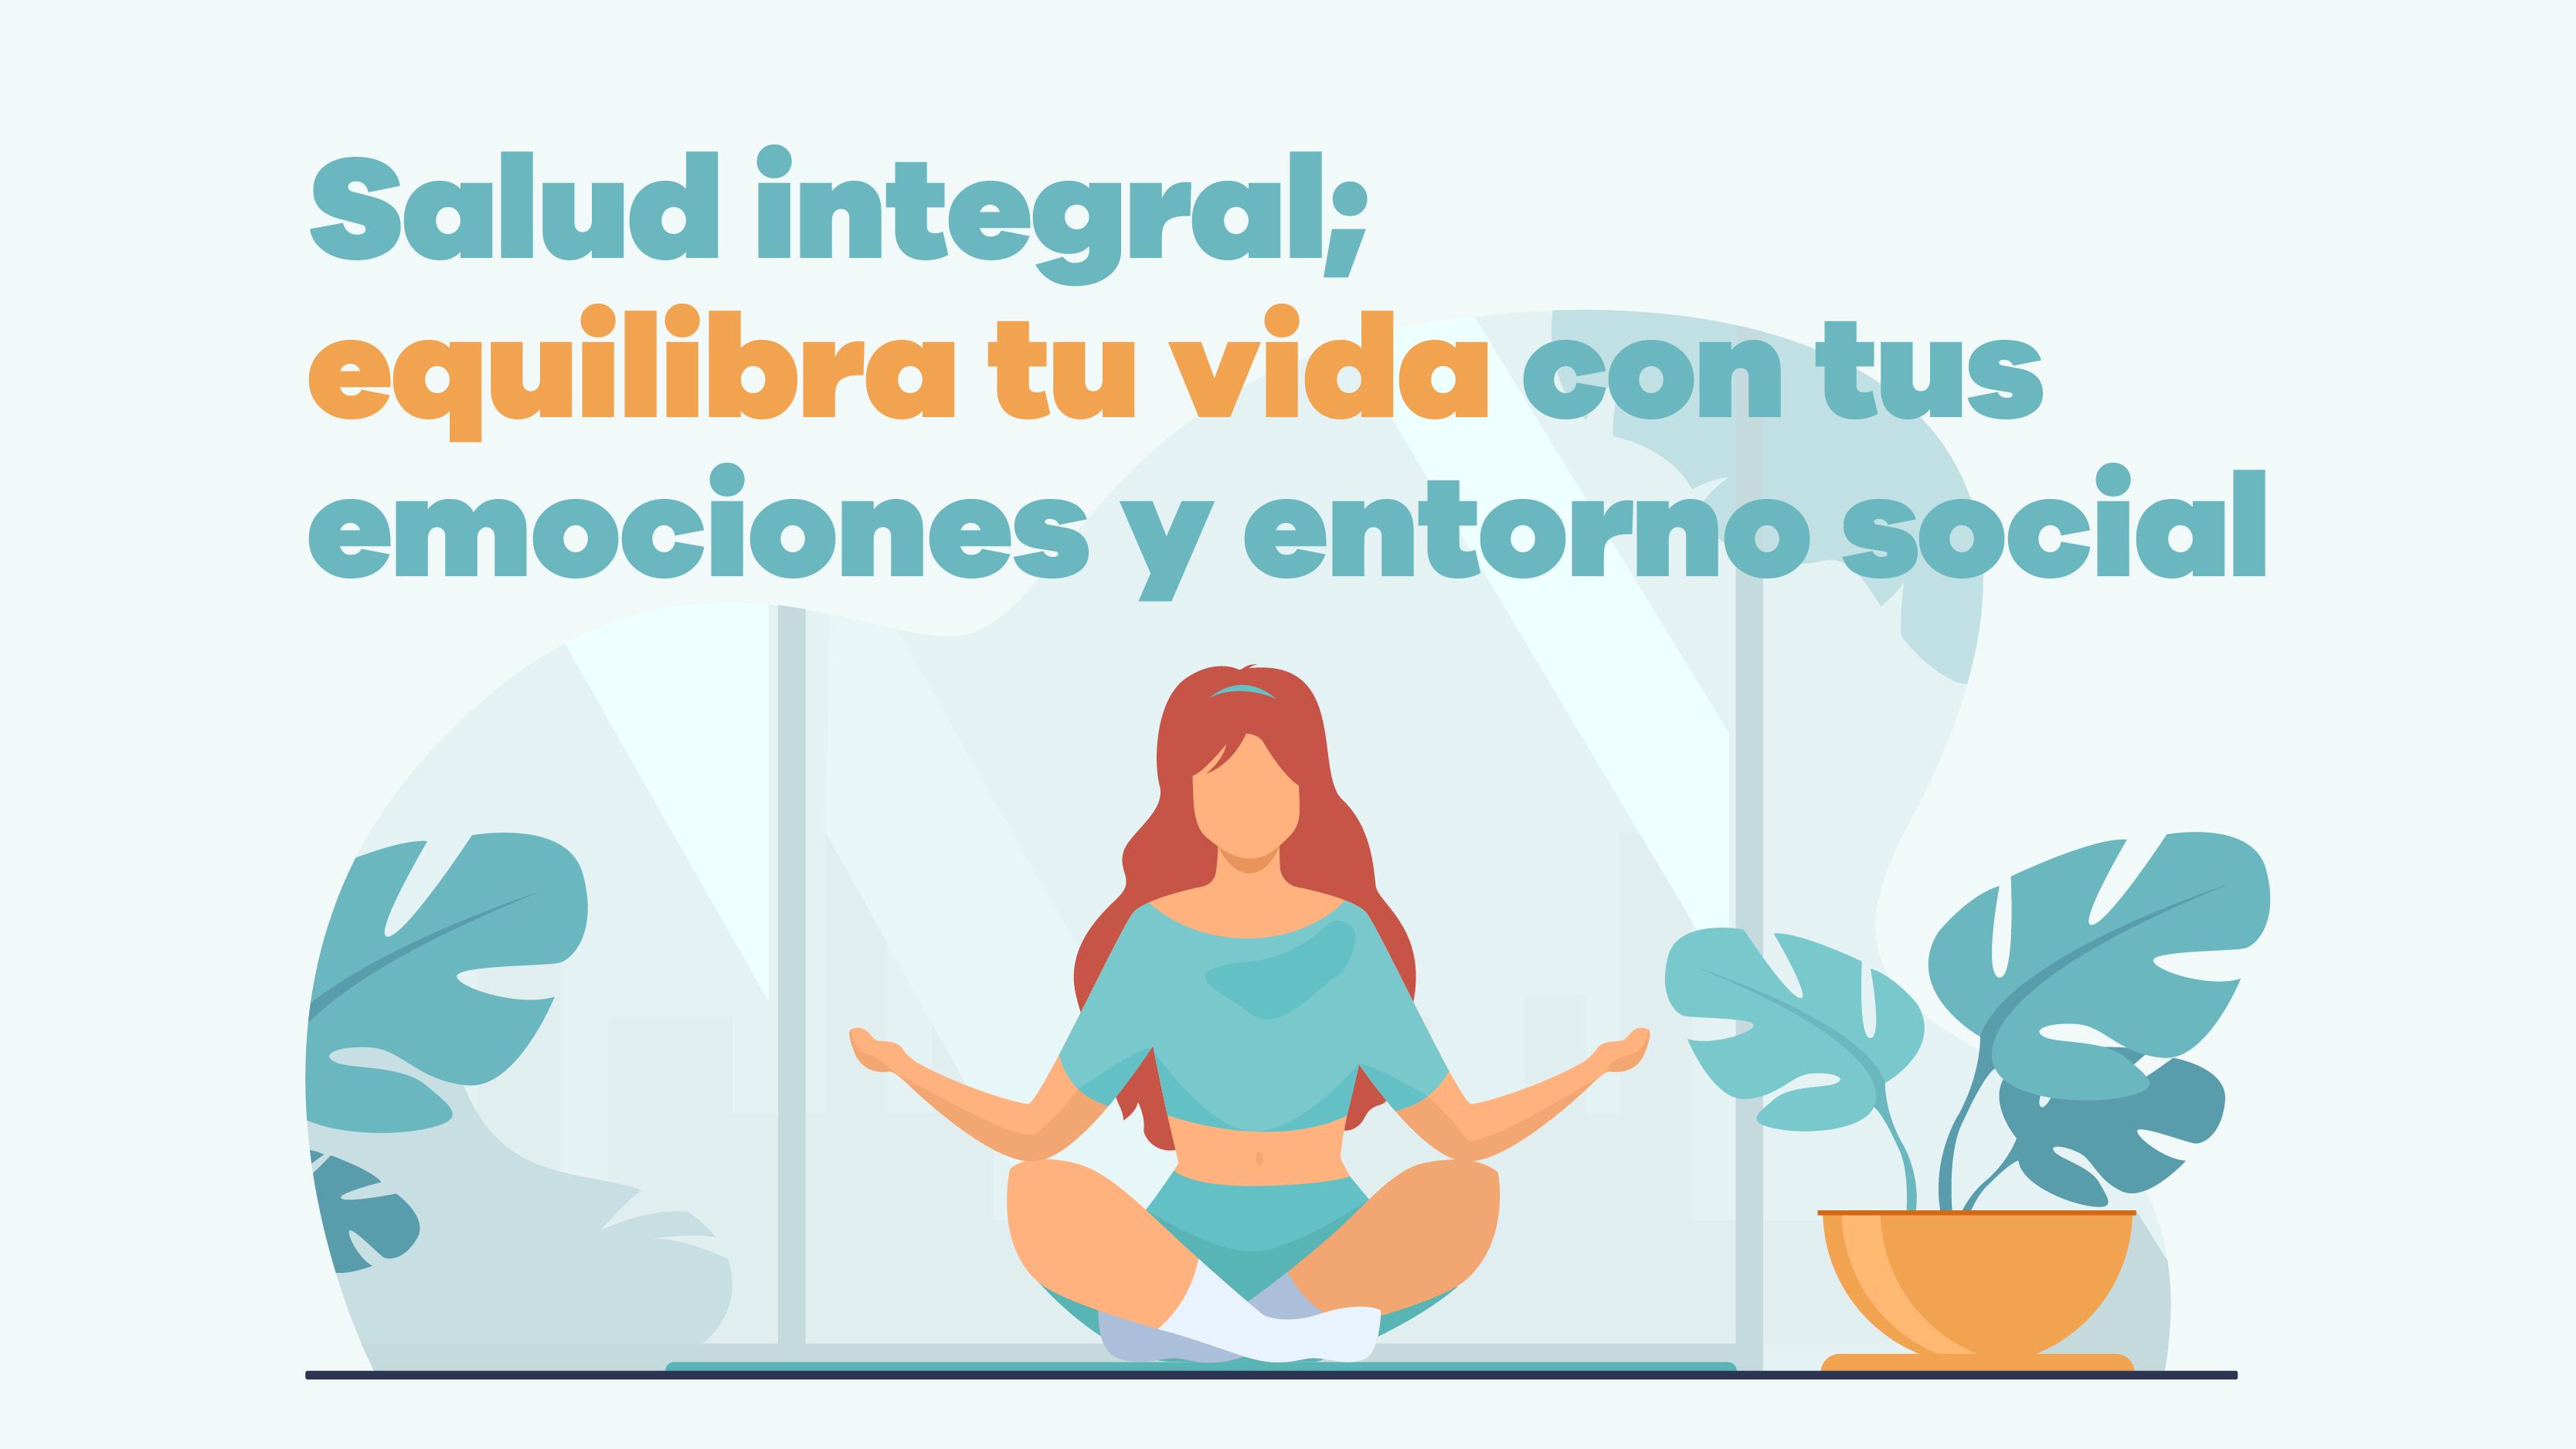 salud integral equilibra tu vida con tus emociones y entorno social